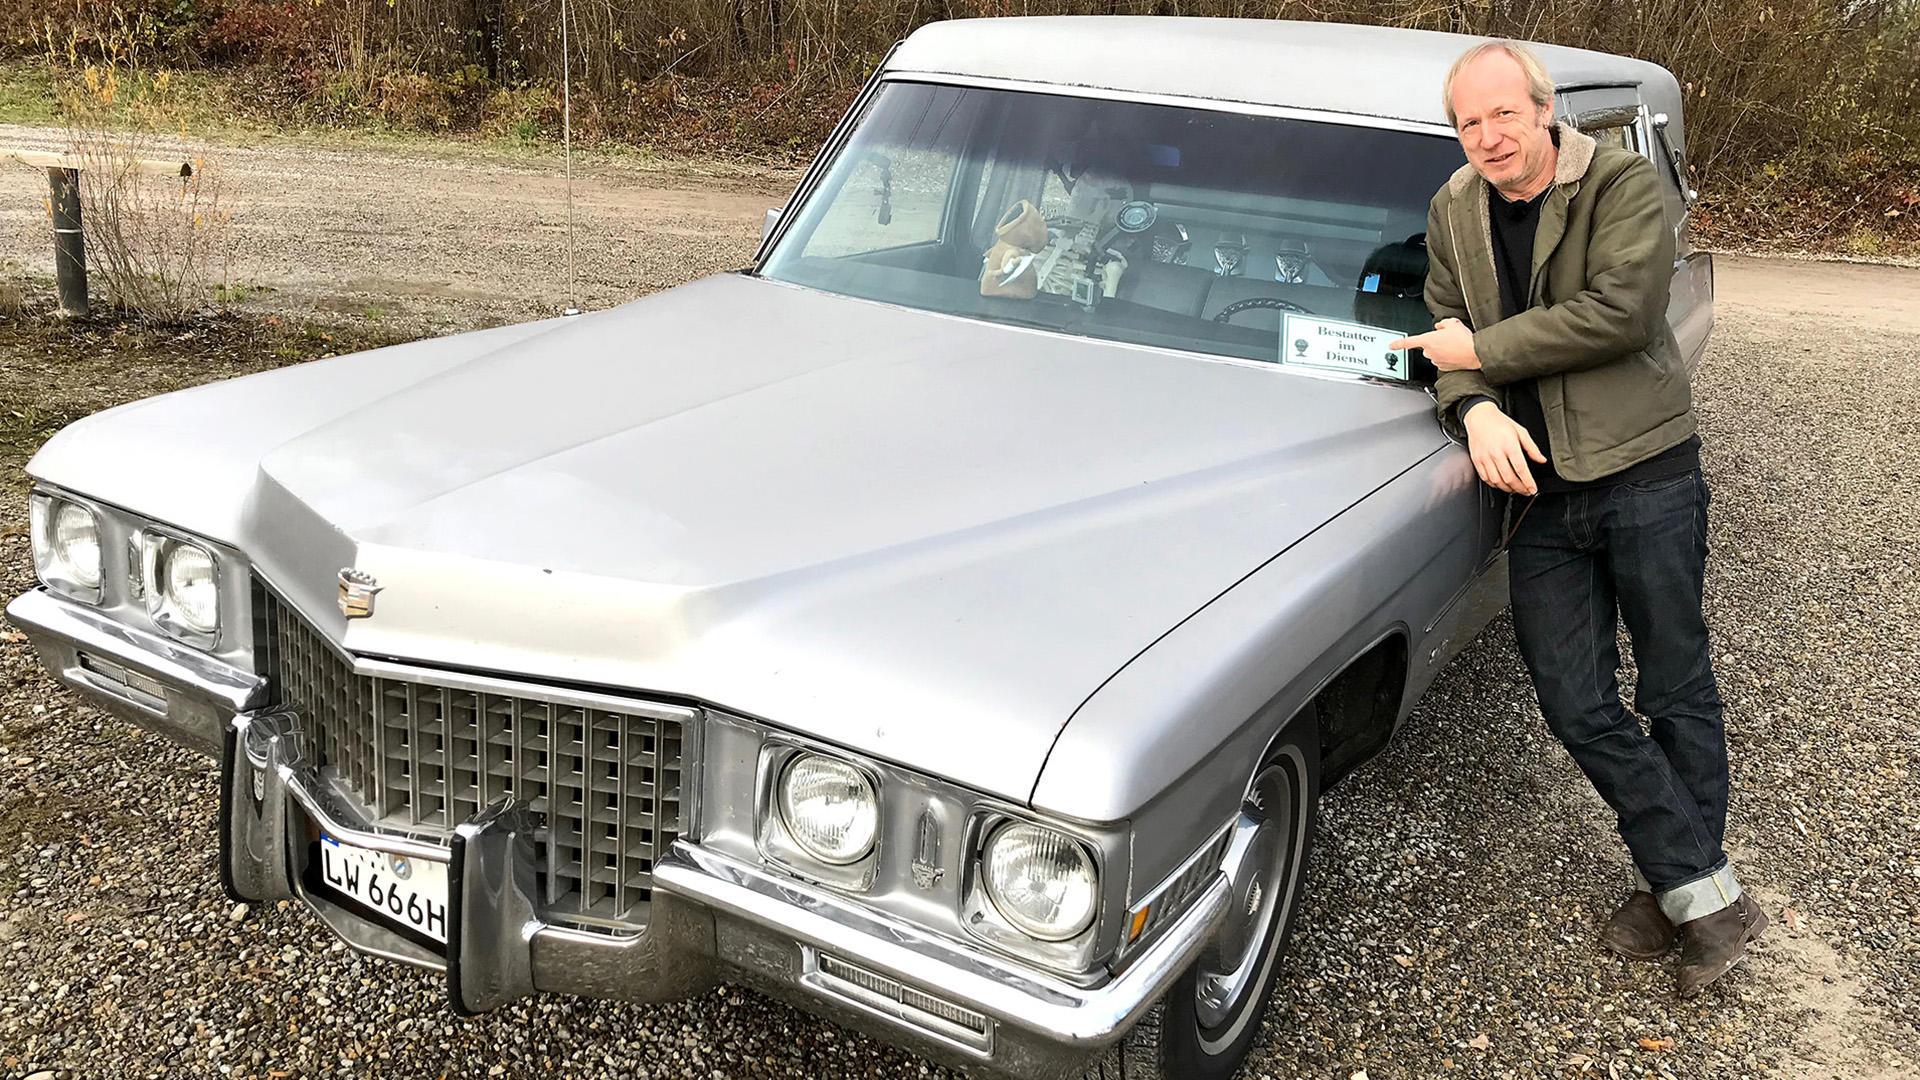 Helge Thomsen checkt die außergewöhnlichsten Bestattungsfahrzeuge. | Folge 427